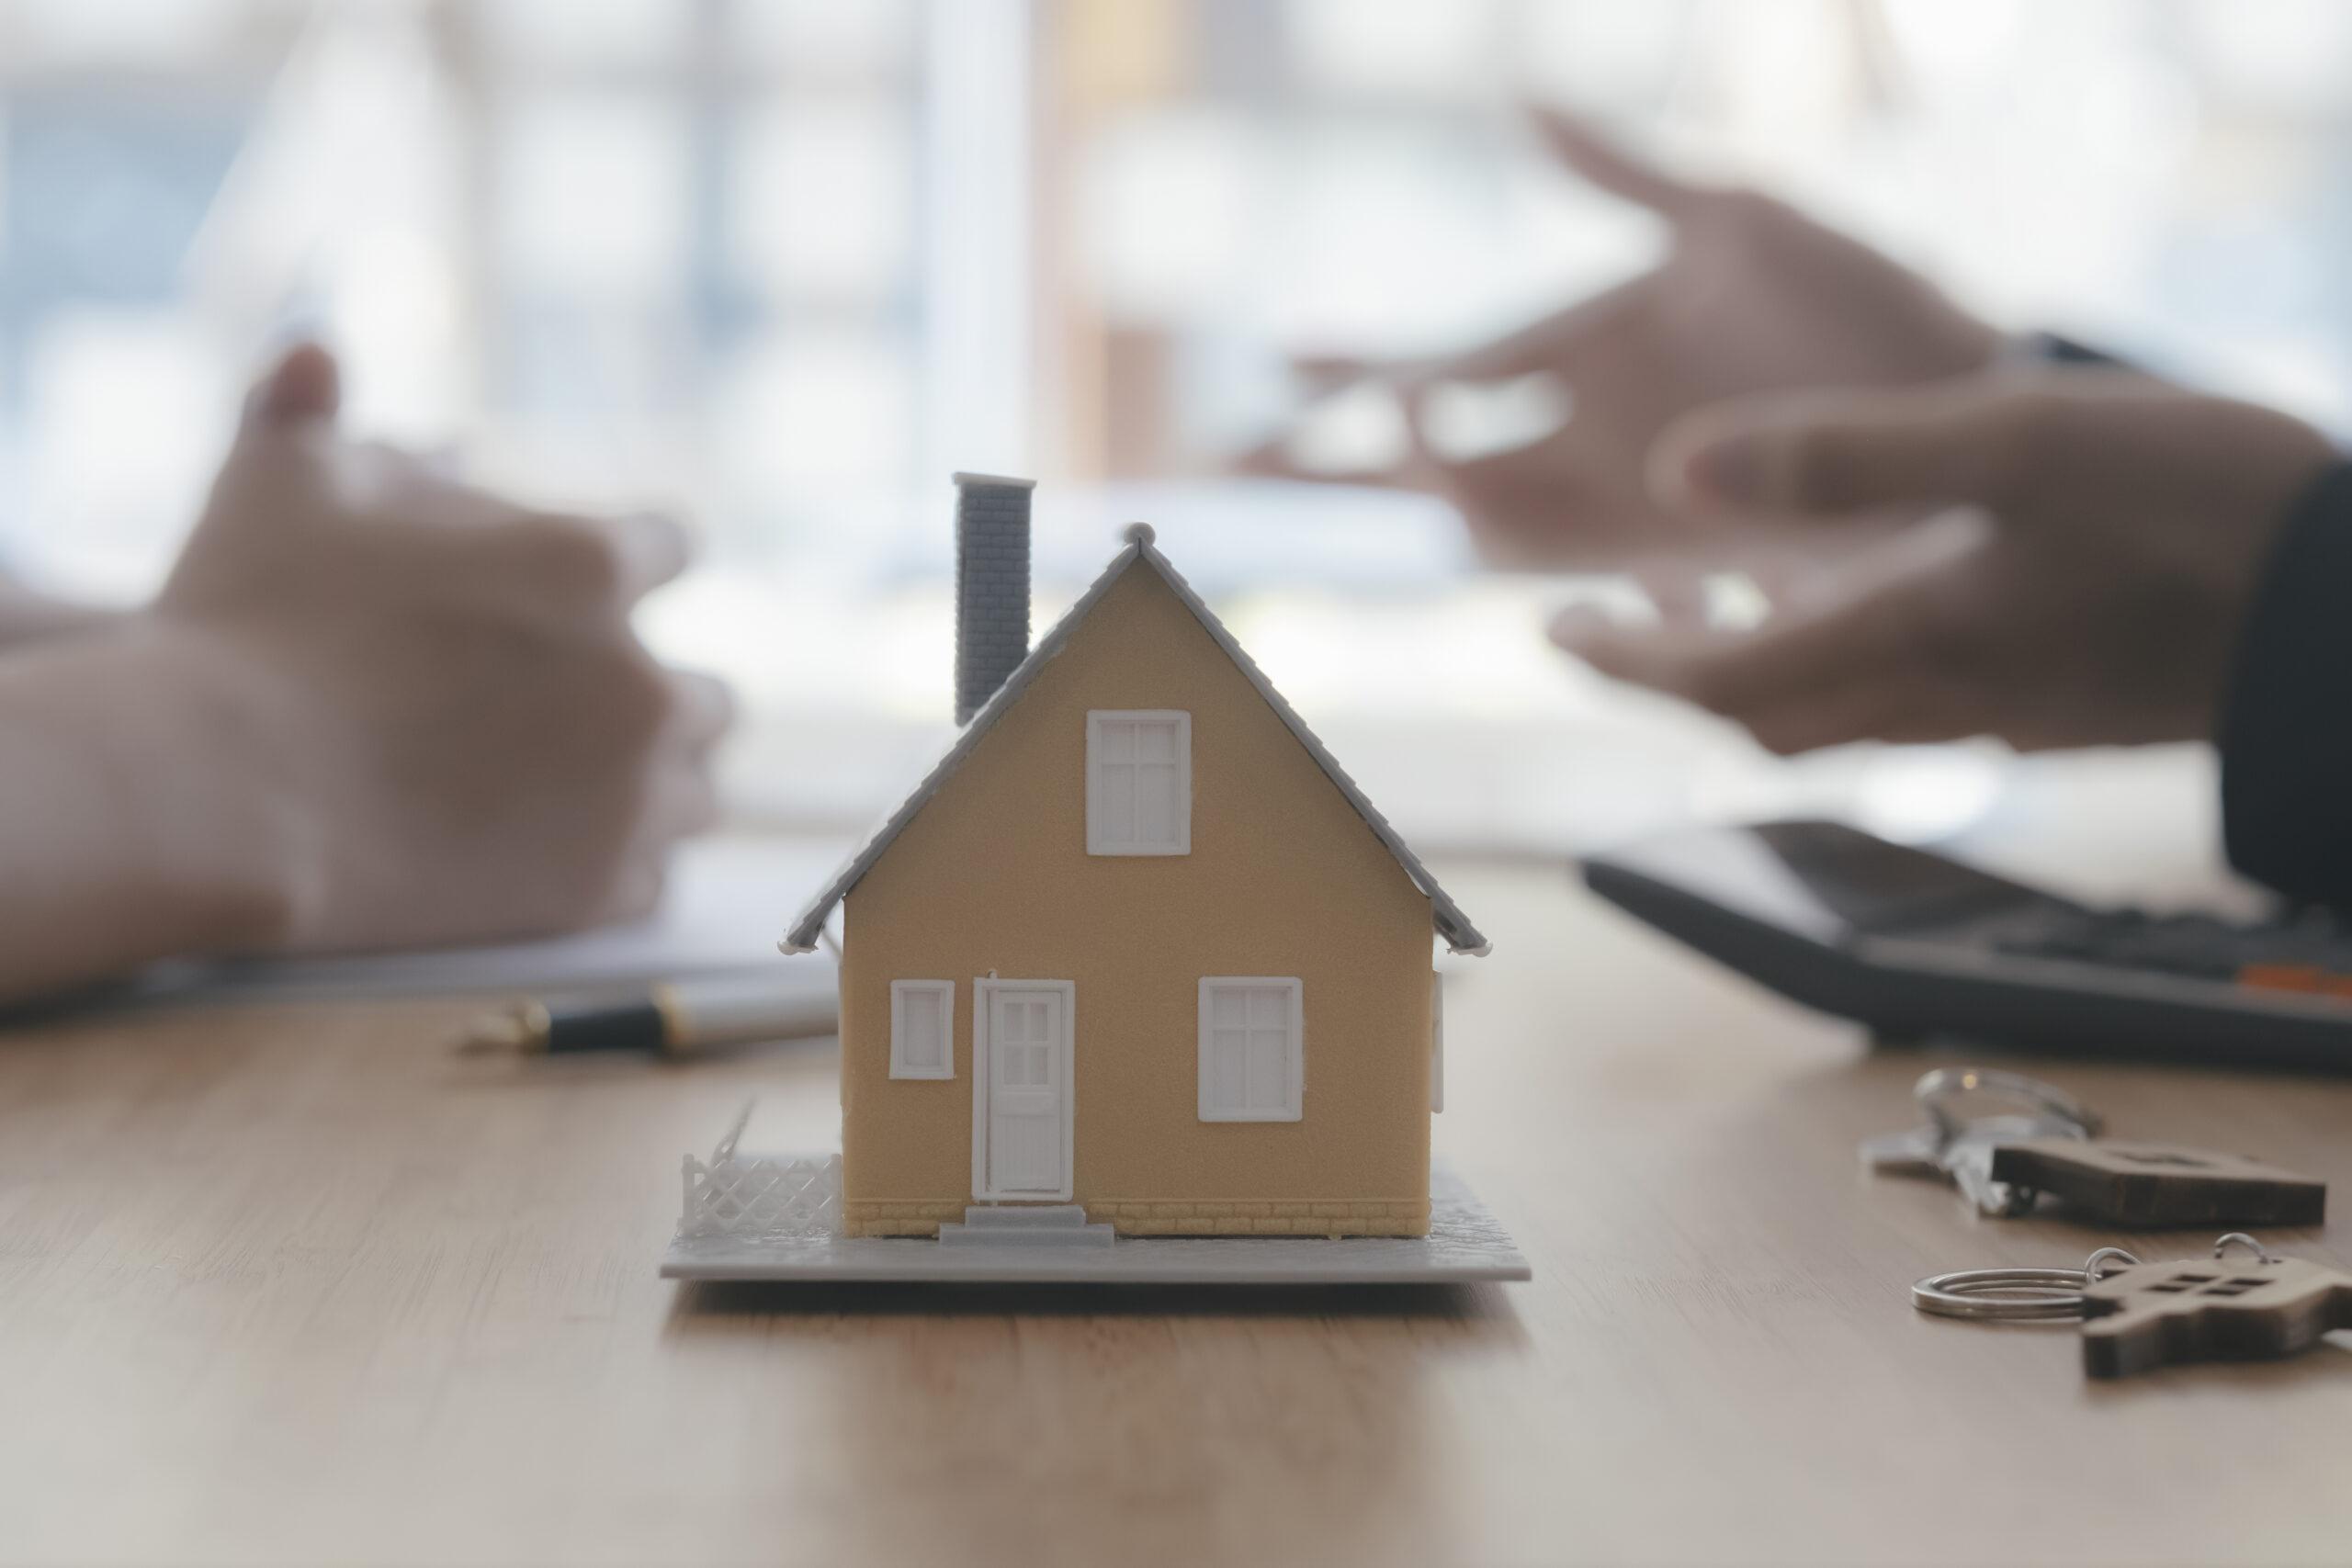 「家賃が払えない」「家賃を減らして欲しい」と入居者から言われた際の対応方法